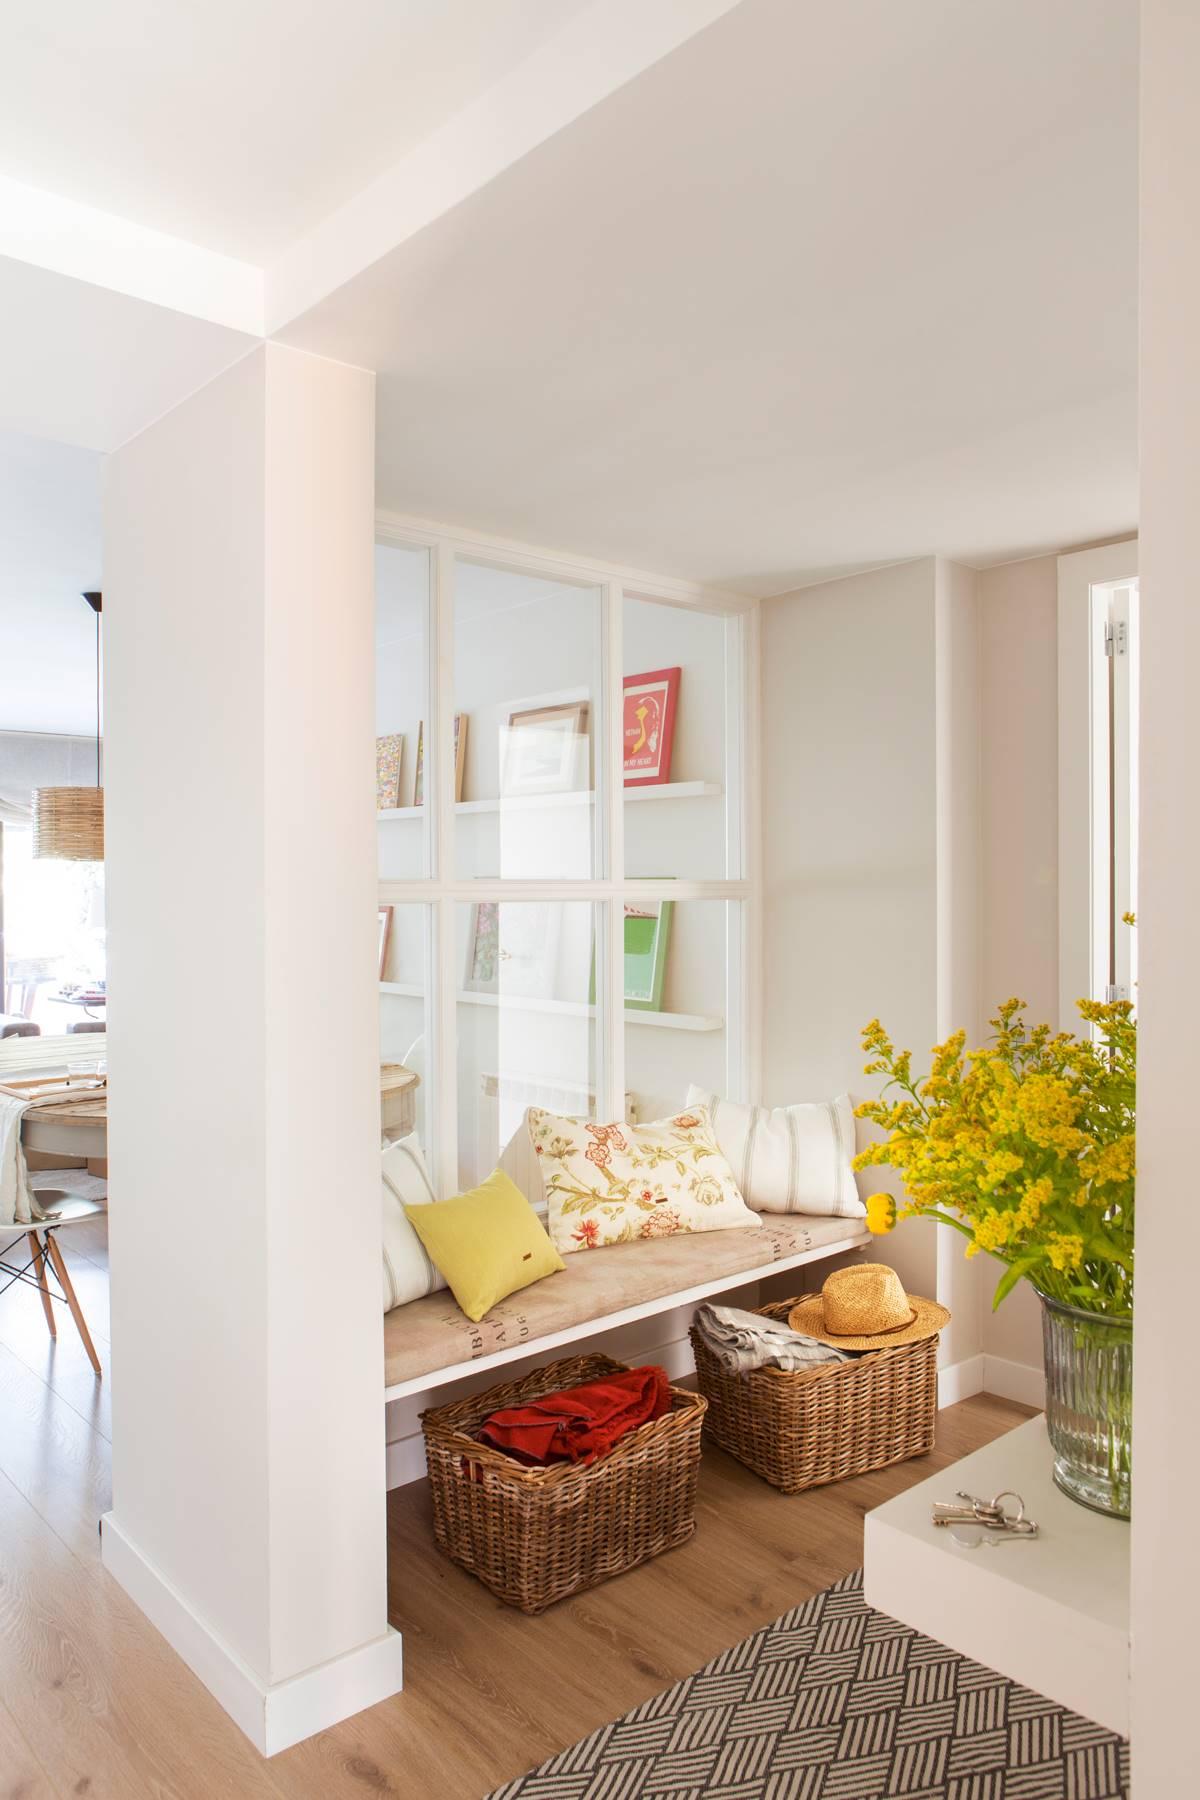 银行在大厅到低墙到cuarterones-DE-水晶00433975。 用玻璃替换隔板